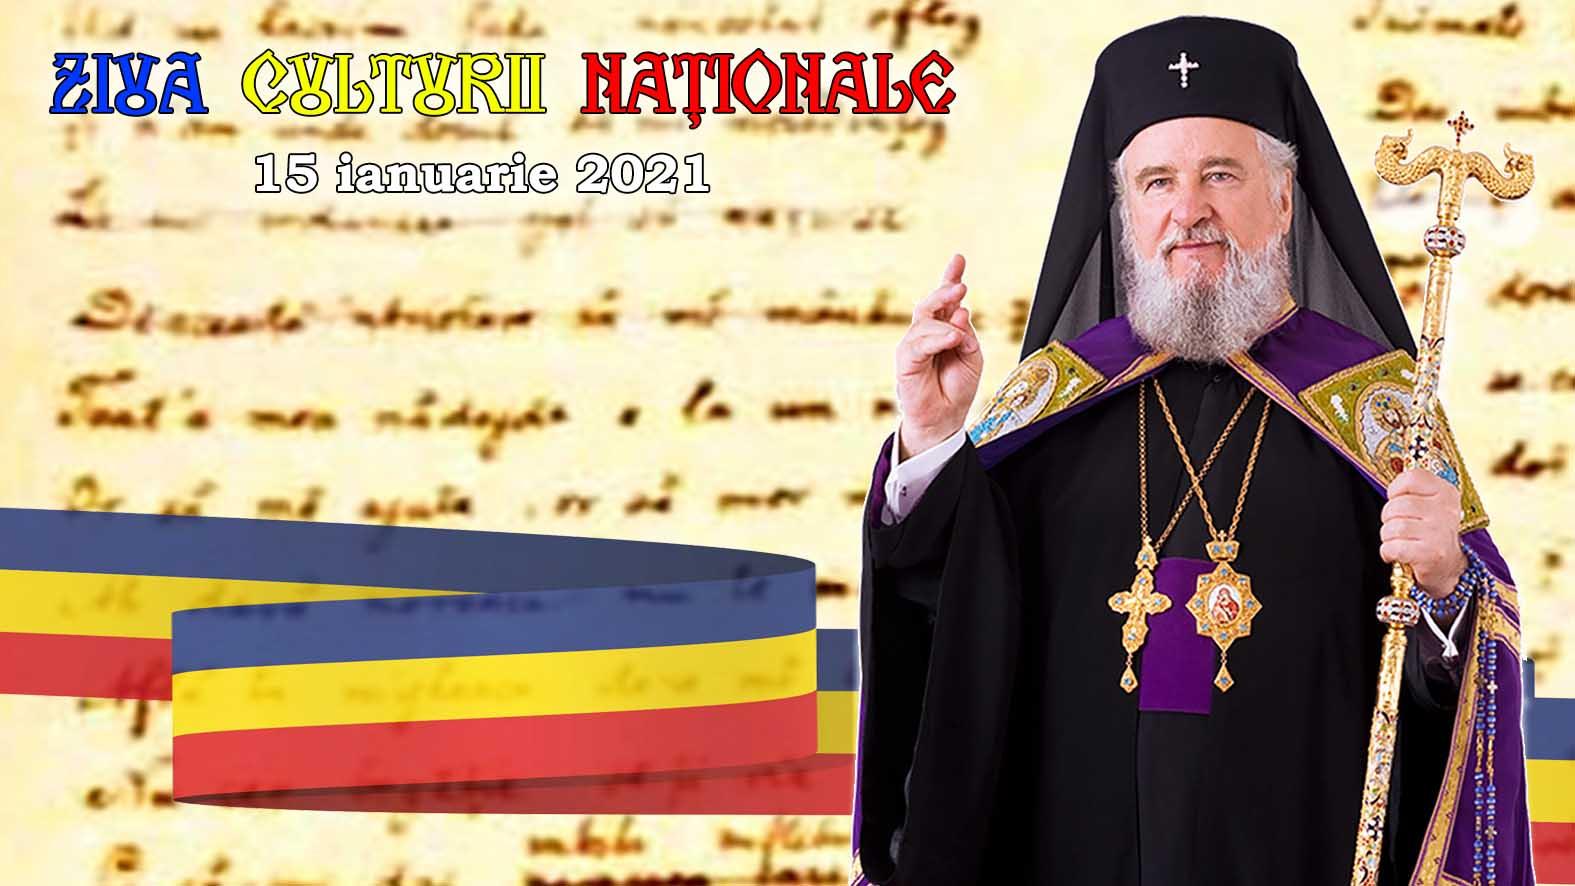 MESAJUL ÎNALTPREASFINŢITULUI PĂRINTE ARHIEPISCOP ŞI MITROPOLIT NIFON, CU OCAZIA MANIFESTĂRILOR LEGATE DE ZIUA CULTURII NAŢIONALE -15 ianuarie 2021-